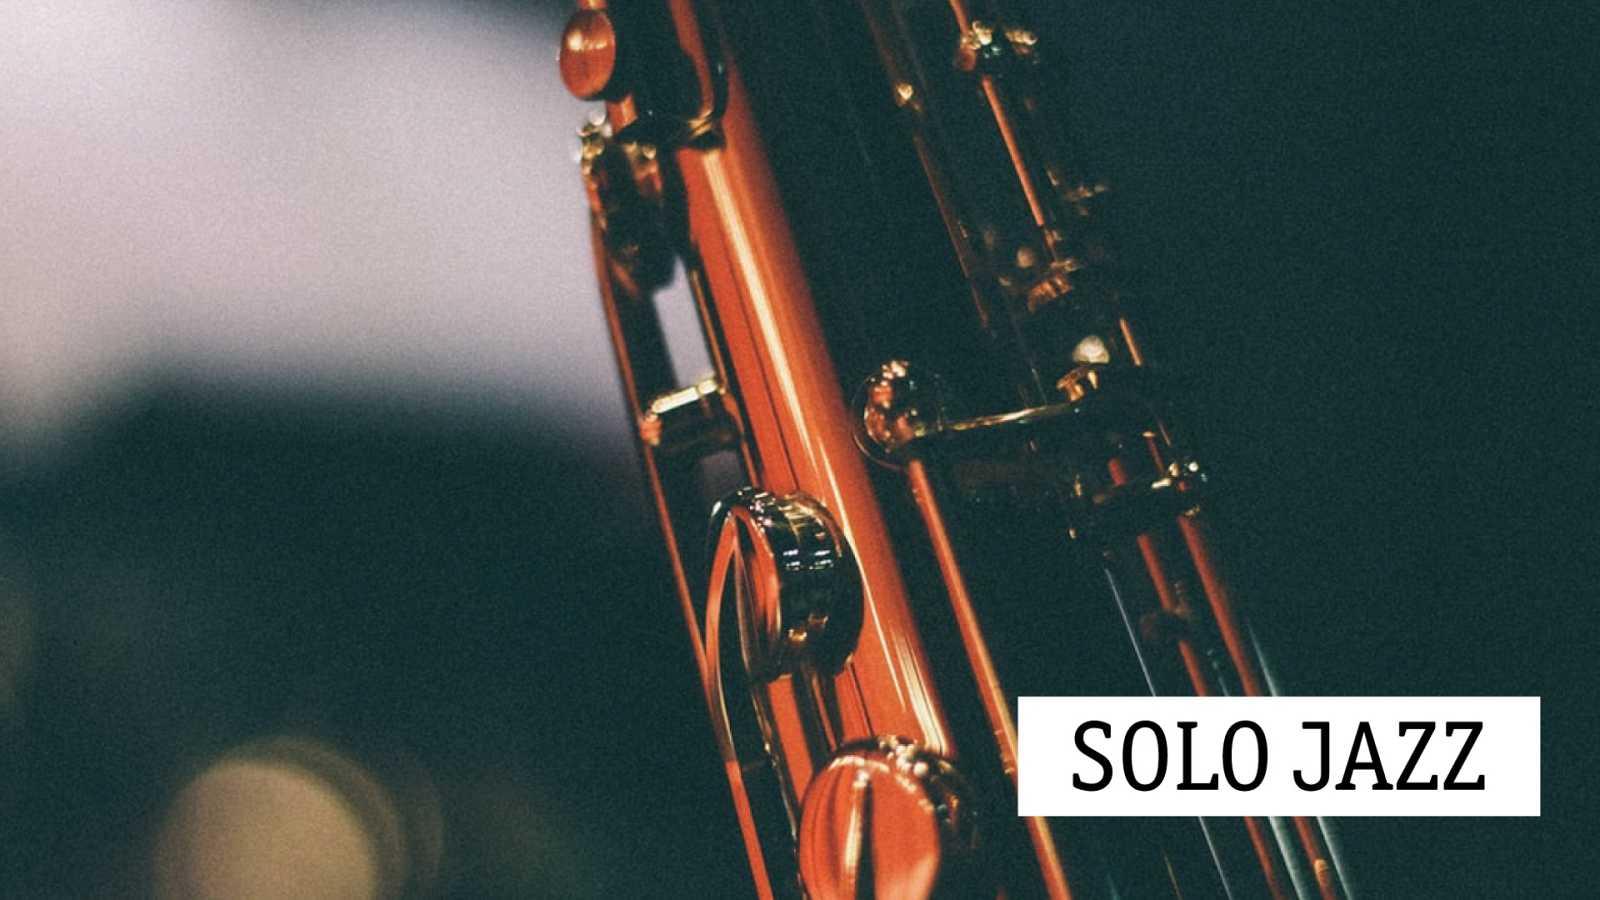 """Solo Jazz - El incontestable talento de Eddie """"Lockjaw"""" Davis - 07/05/21 - escuchar ahora"""